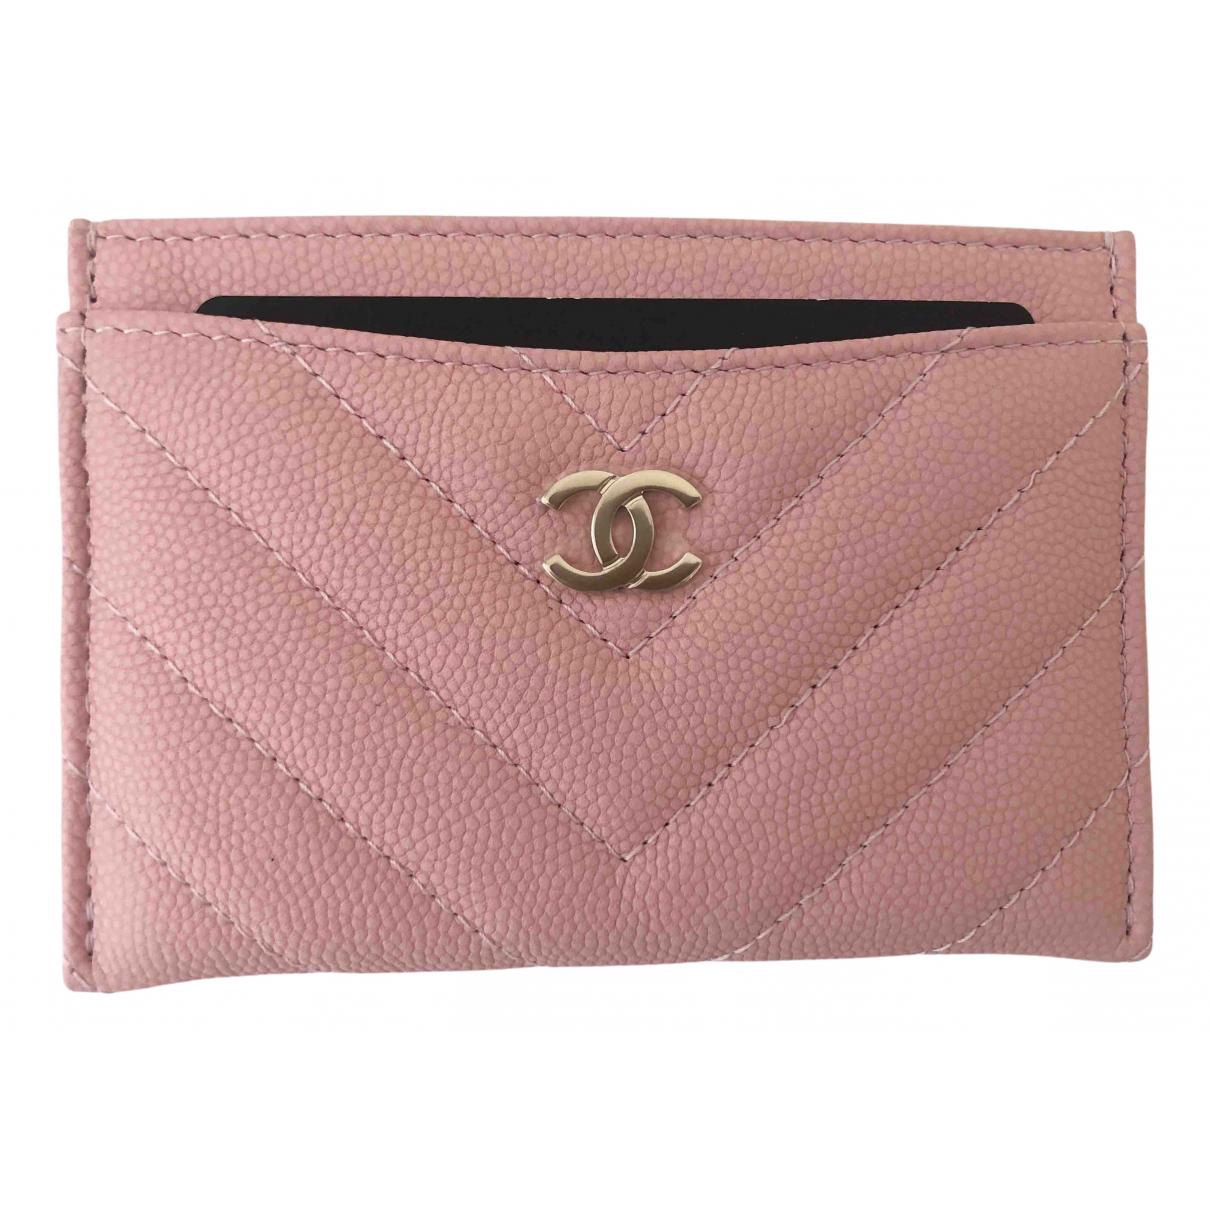 Chanel Timeless/Classique Kleinlederwaren in  Rosa Leder